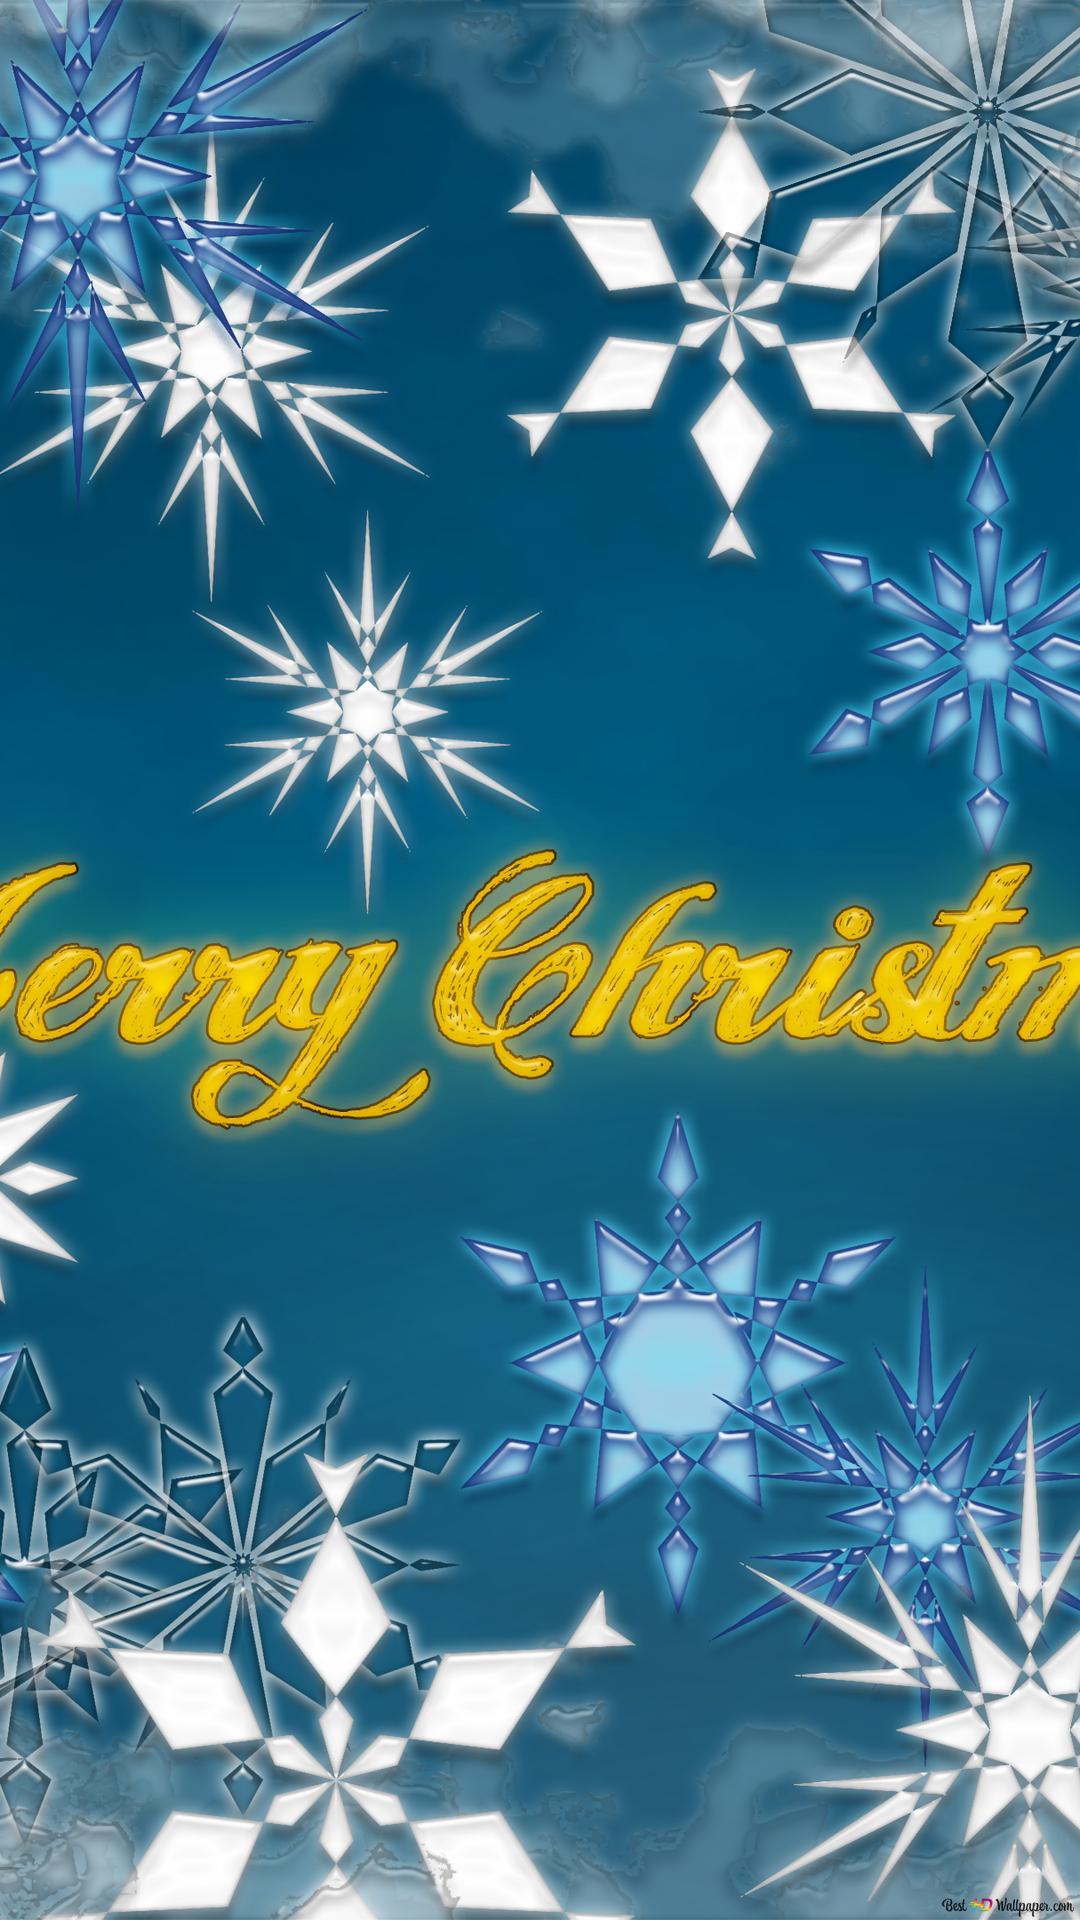 クリスマス休日 Hd壁紙のダウンロード